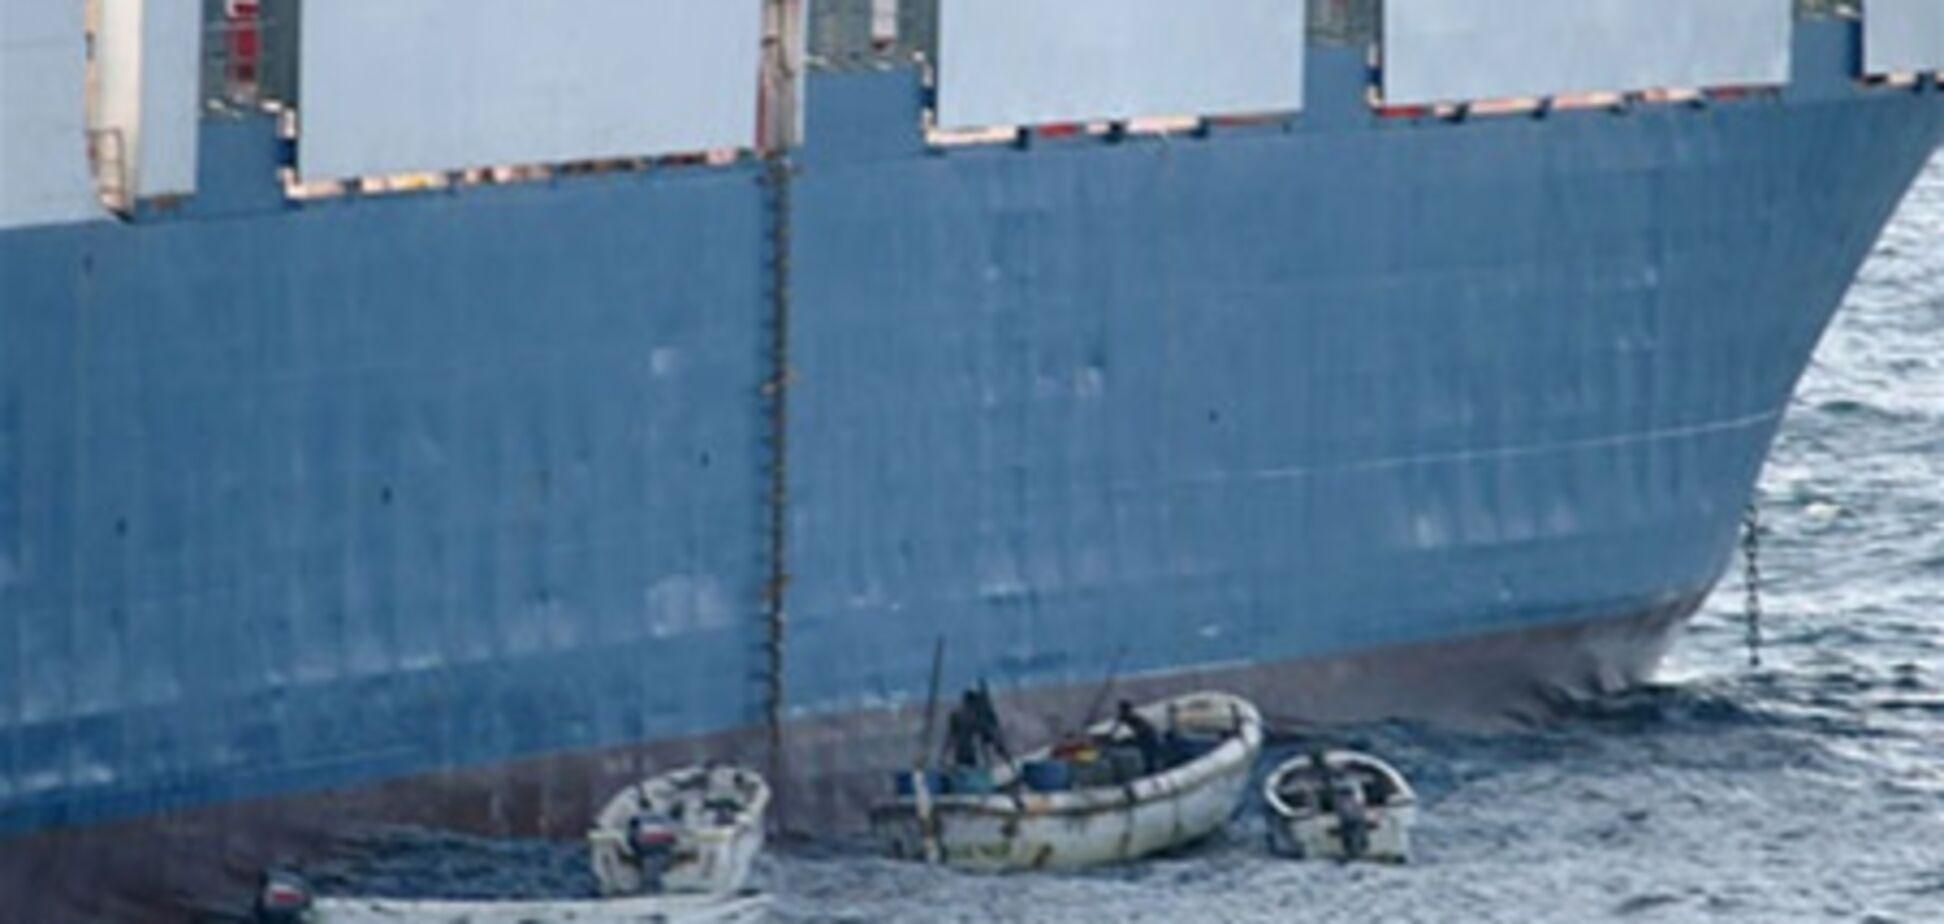 Пірати захопили танкер з українцями на борту, 29 березня 2011